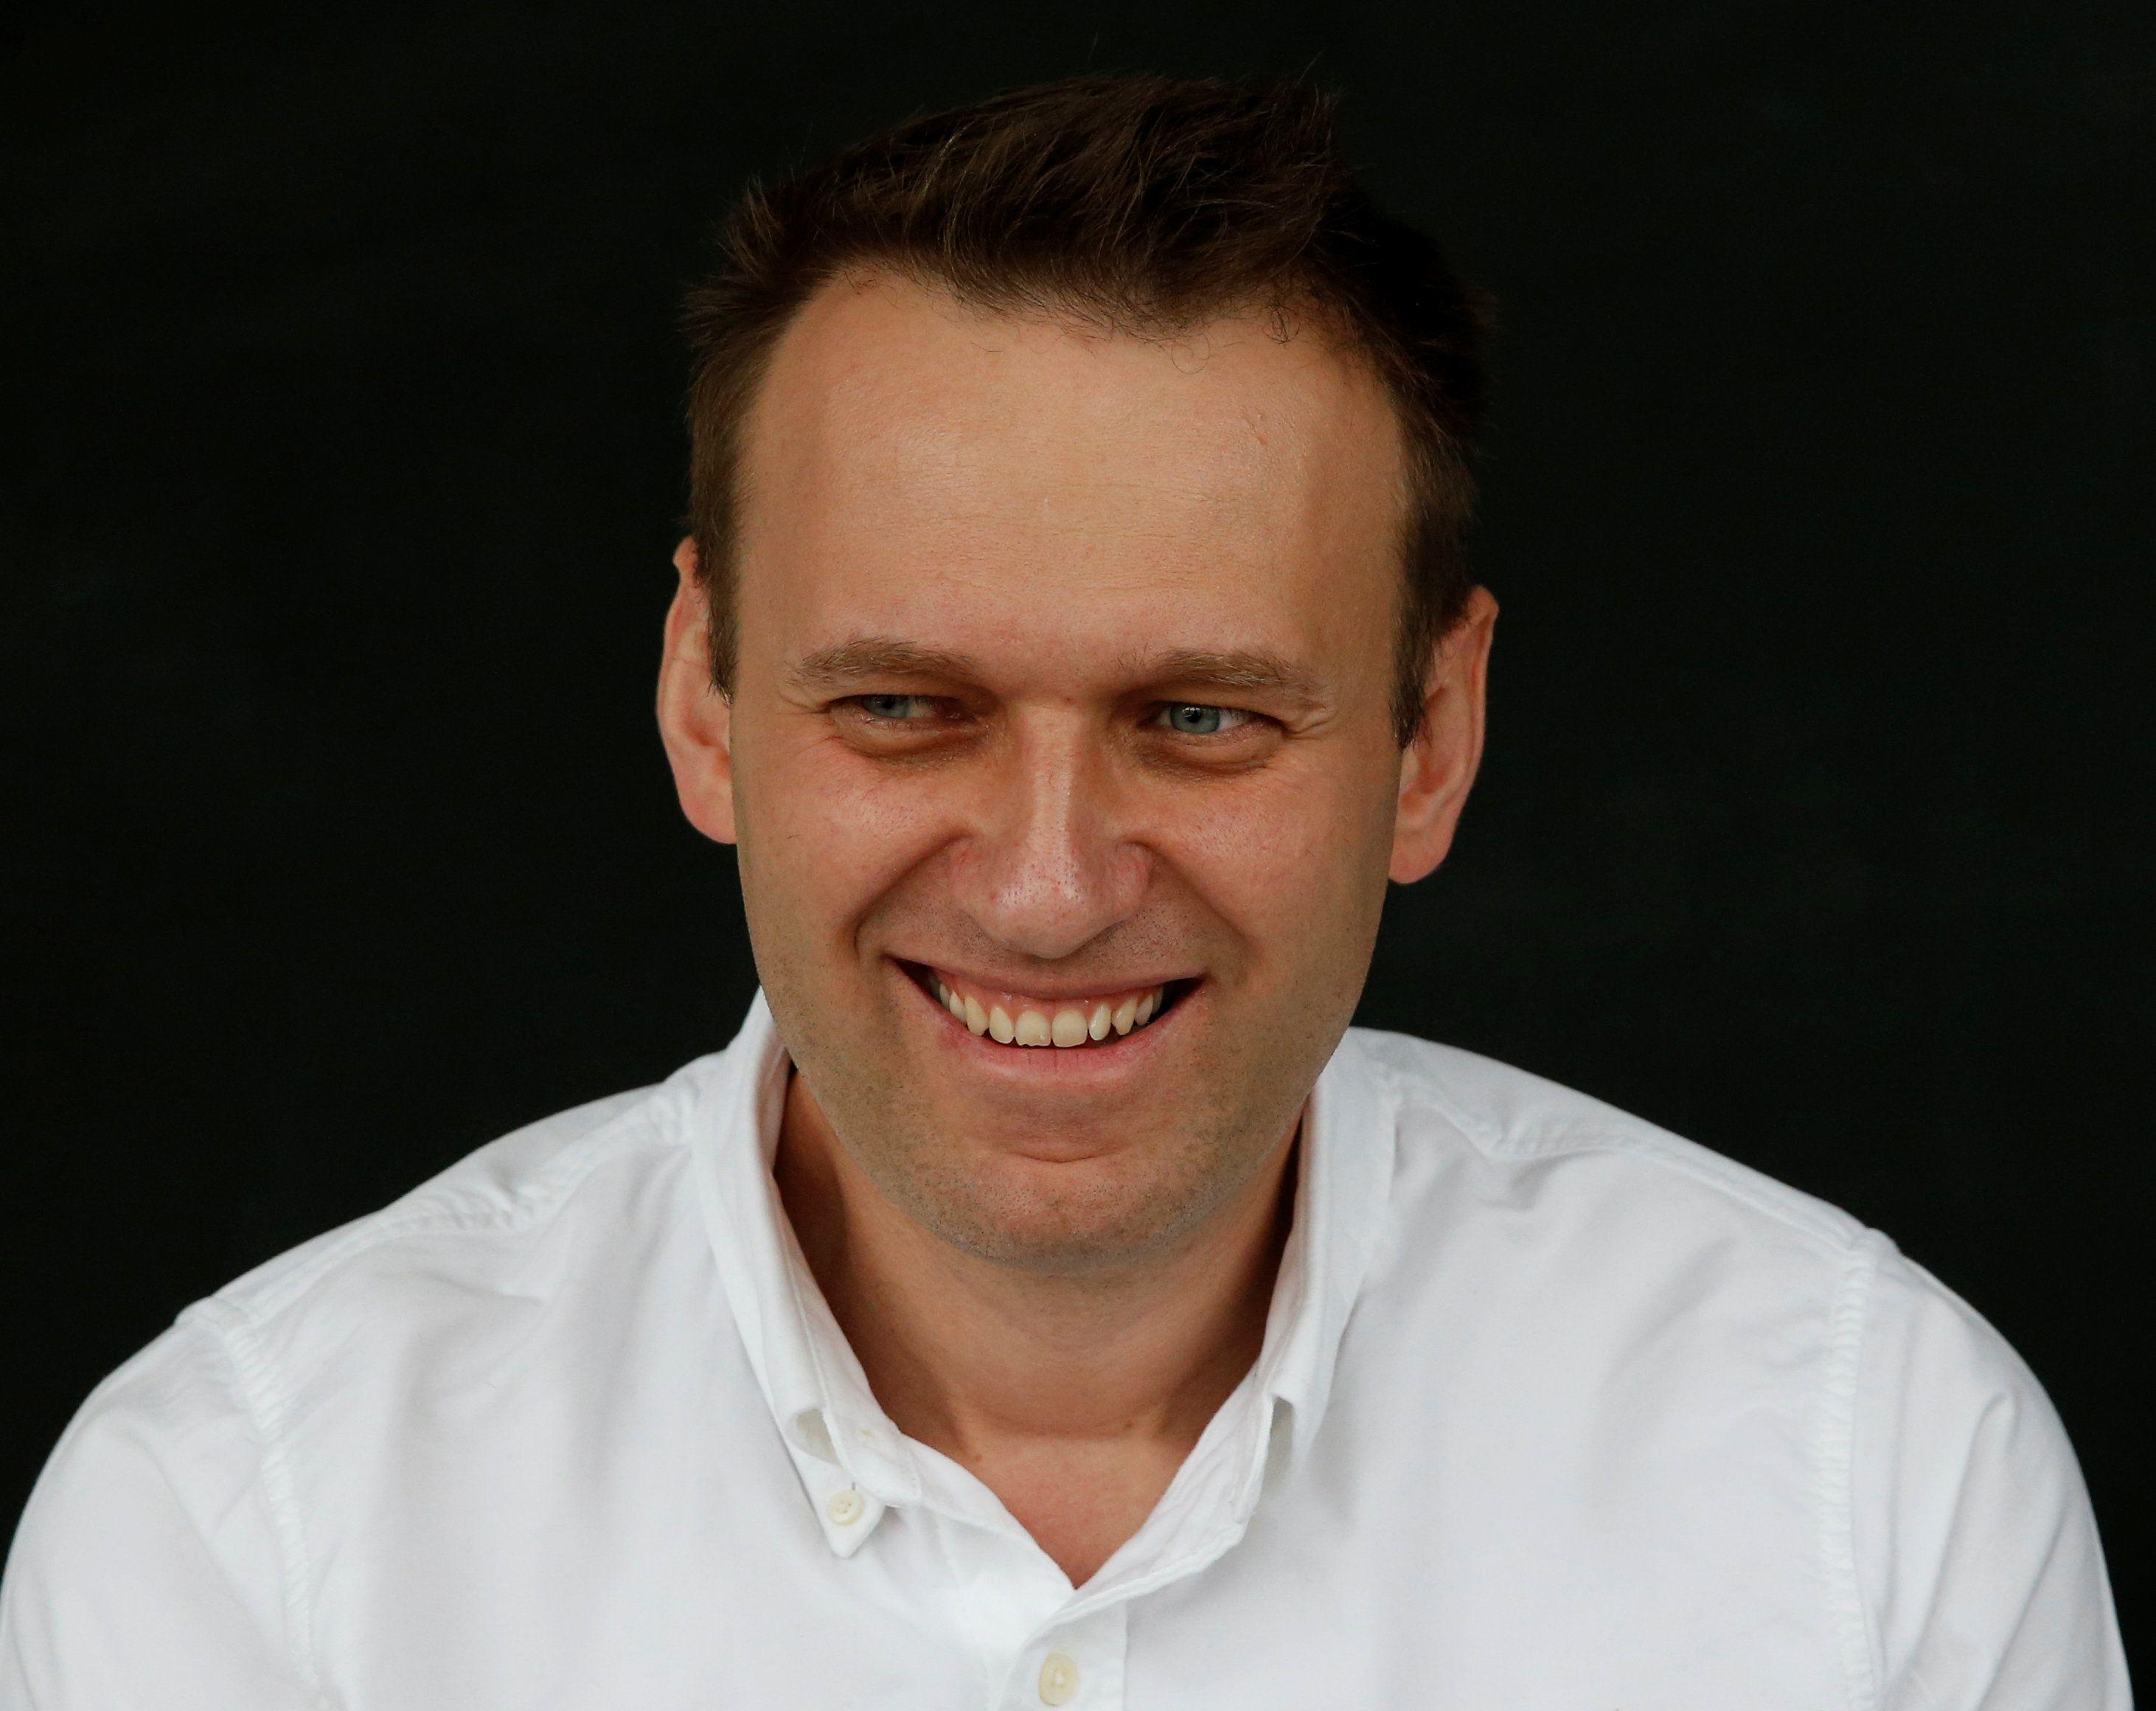 Журналист полагает, что Алексей Навальный – это голодный Владимир Путин – Путин новости